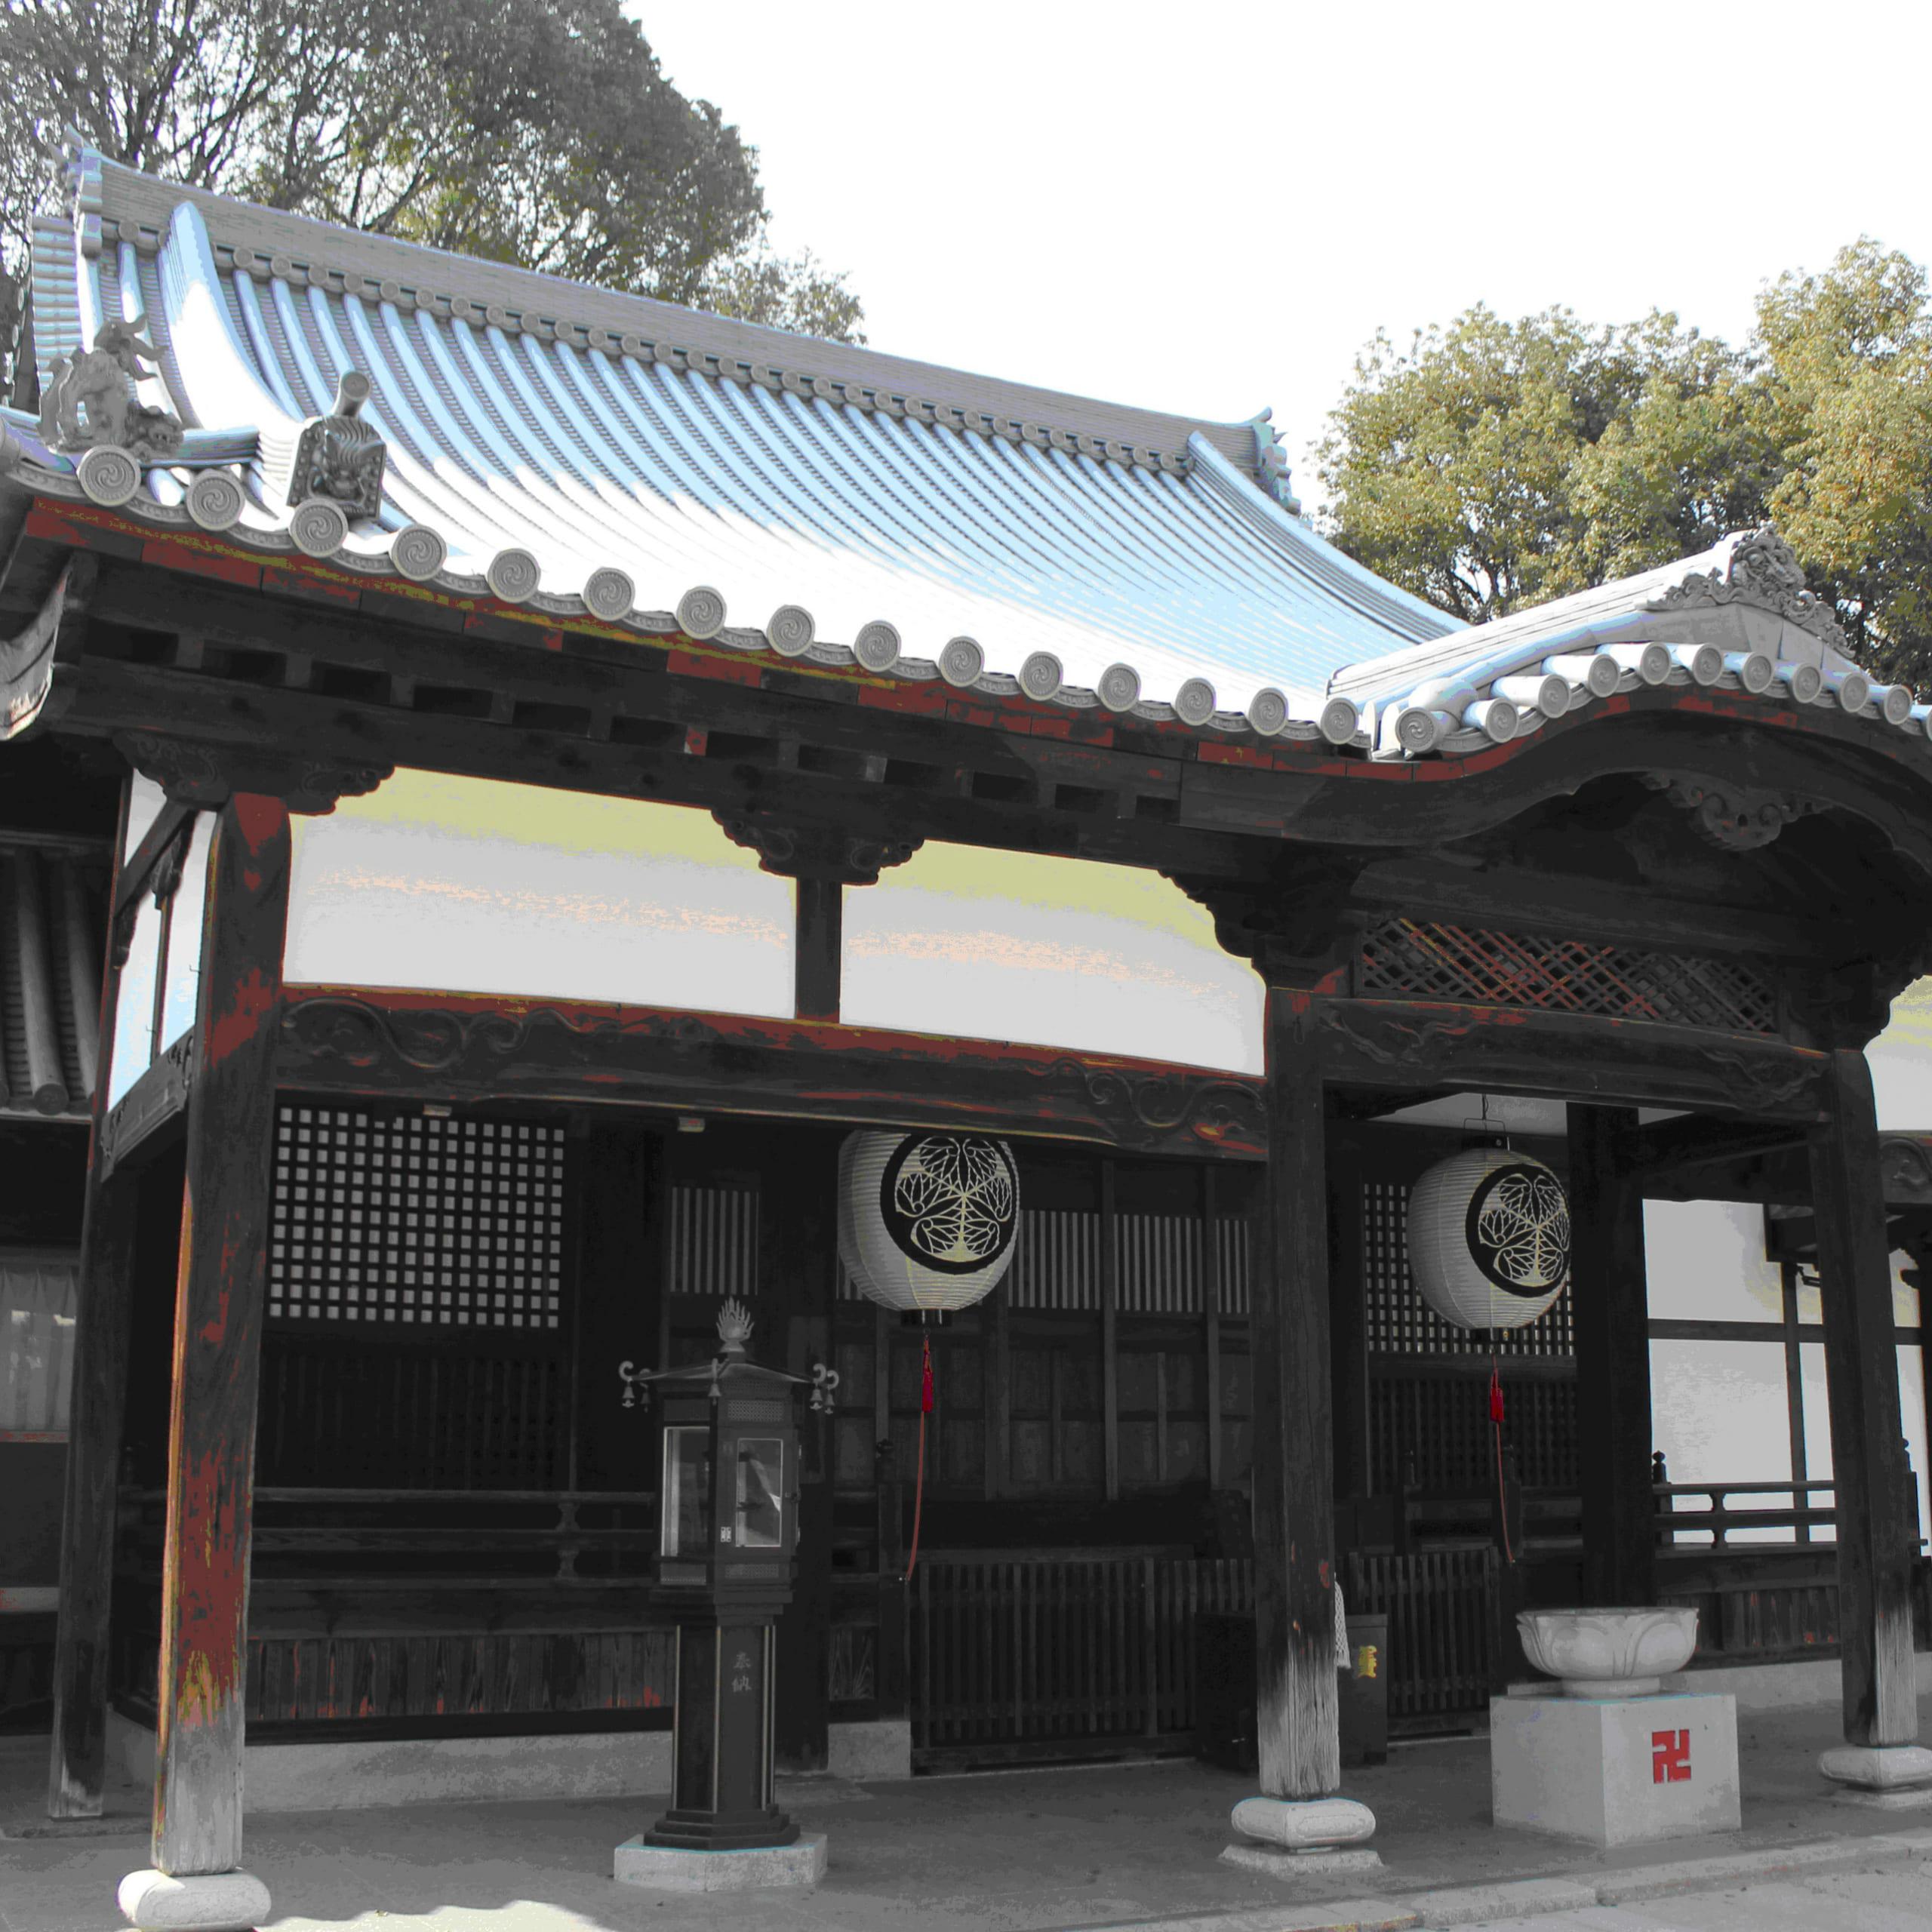 大坂夏の陣に由来する「血天井」を持つ寺